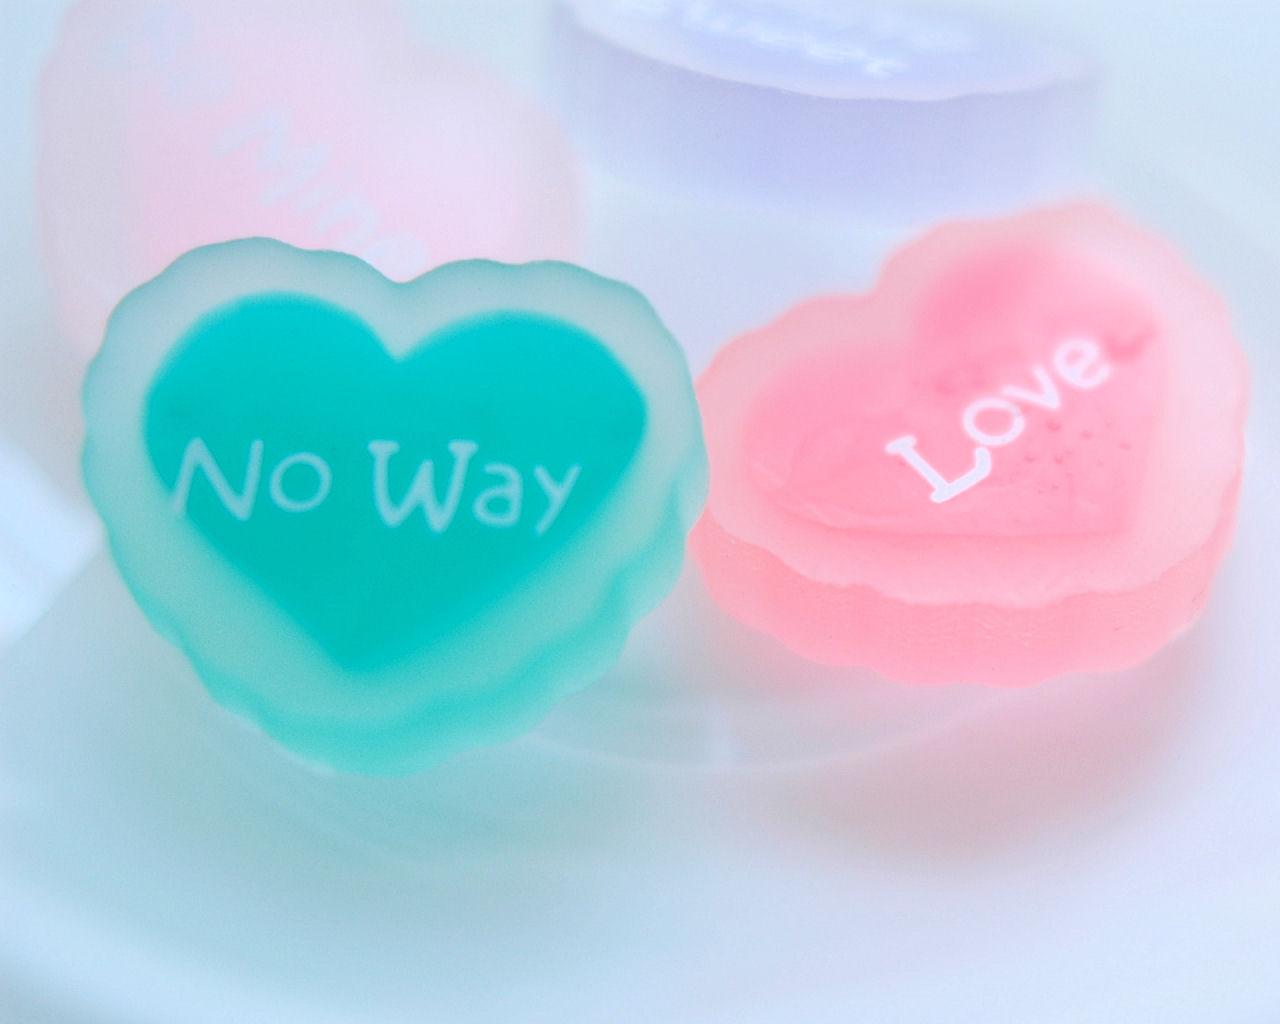 『脱・誘われない女』恋愛のきっかけとなる釣りトークを習得せよ!のサムネイル画像